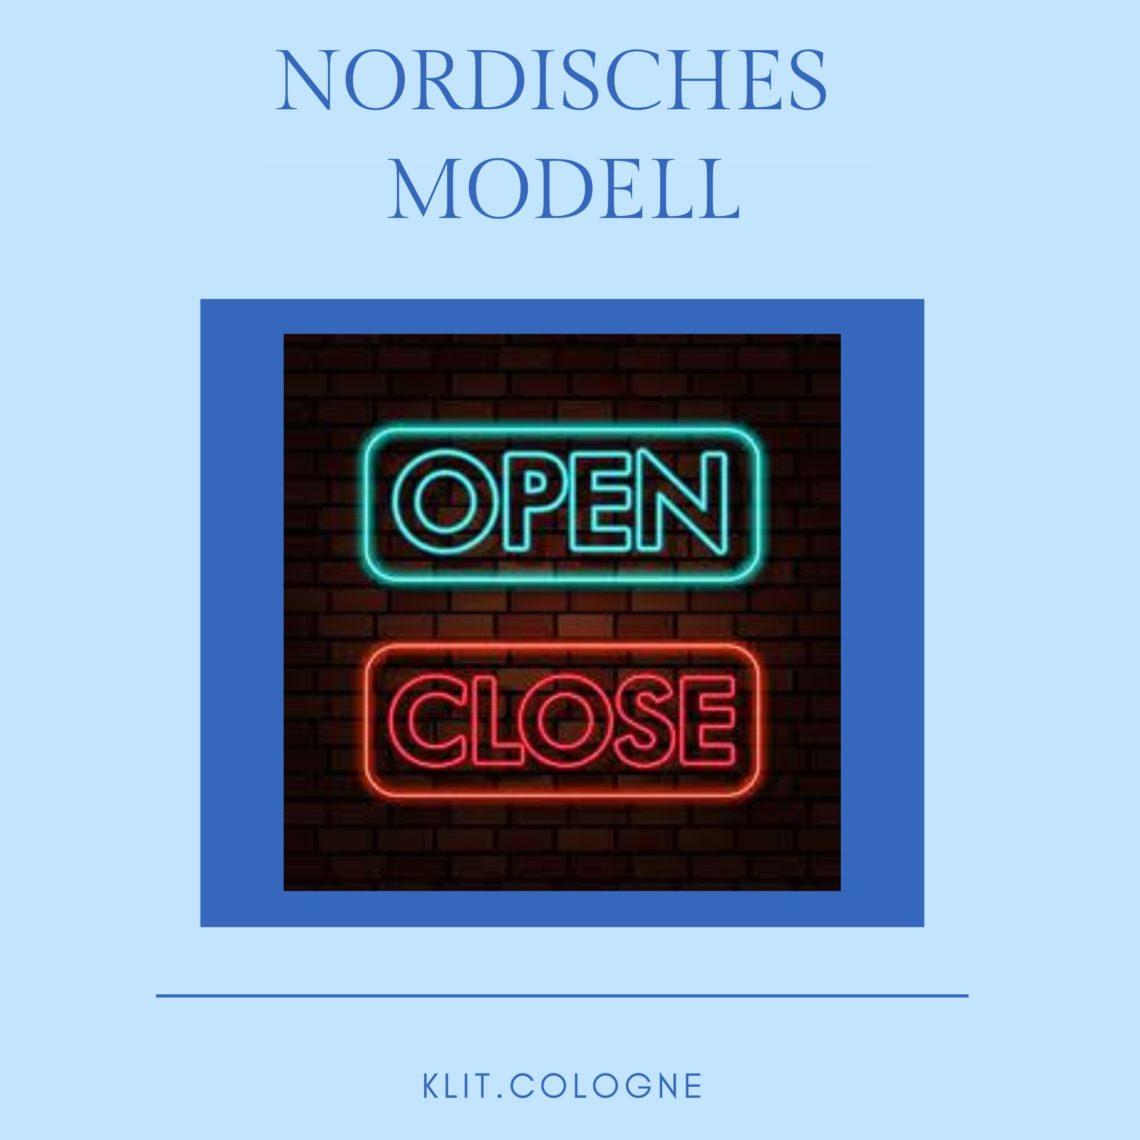 Nordisches Modell